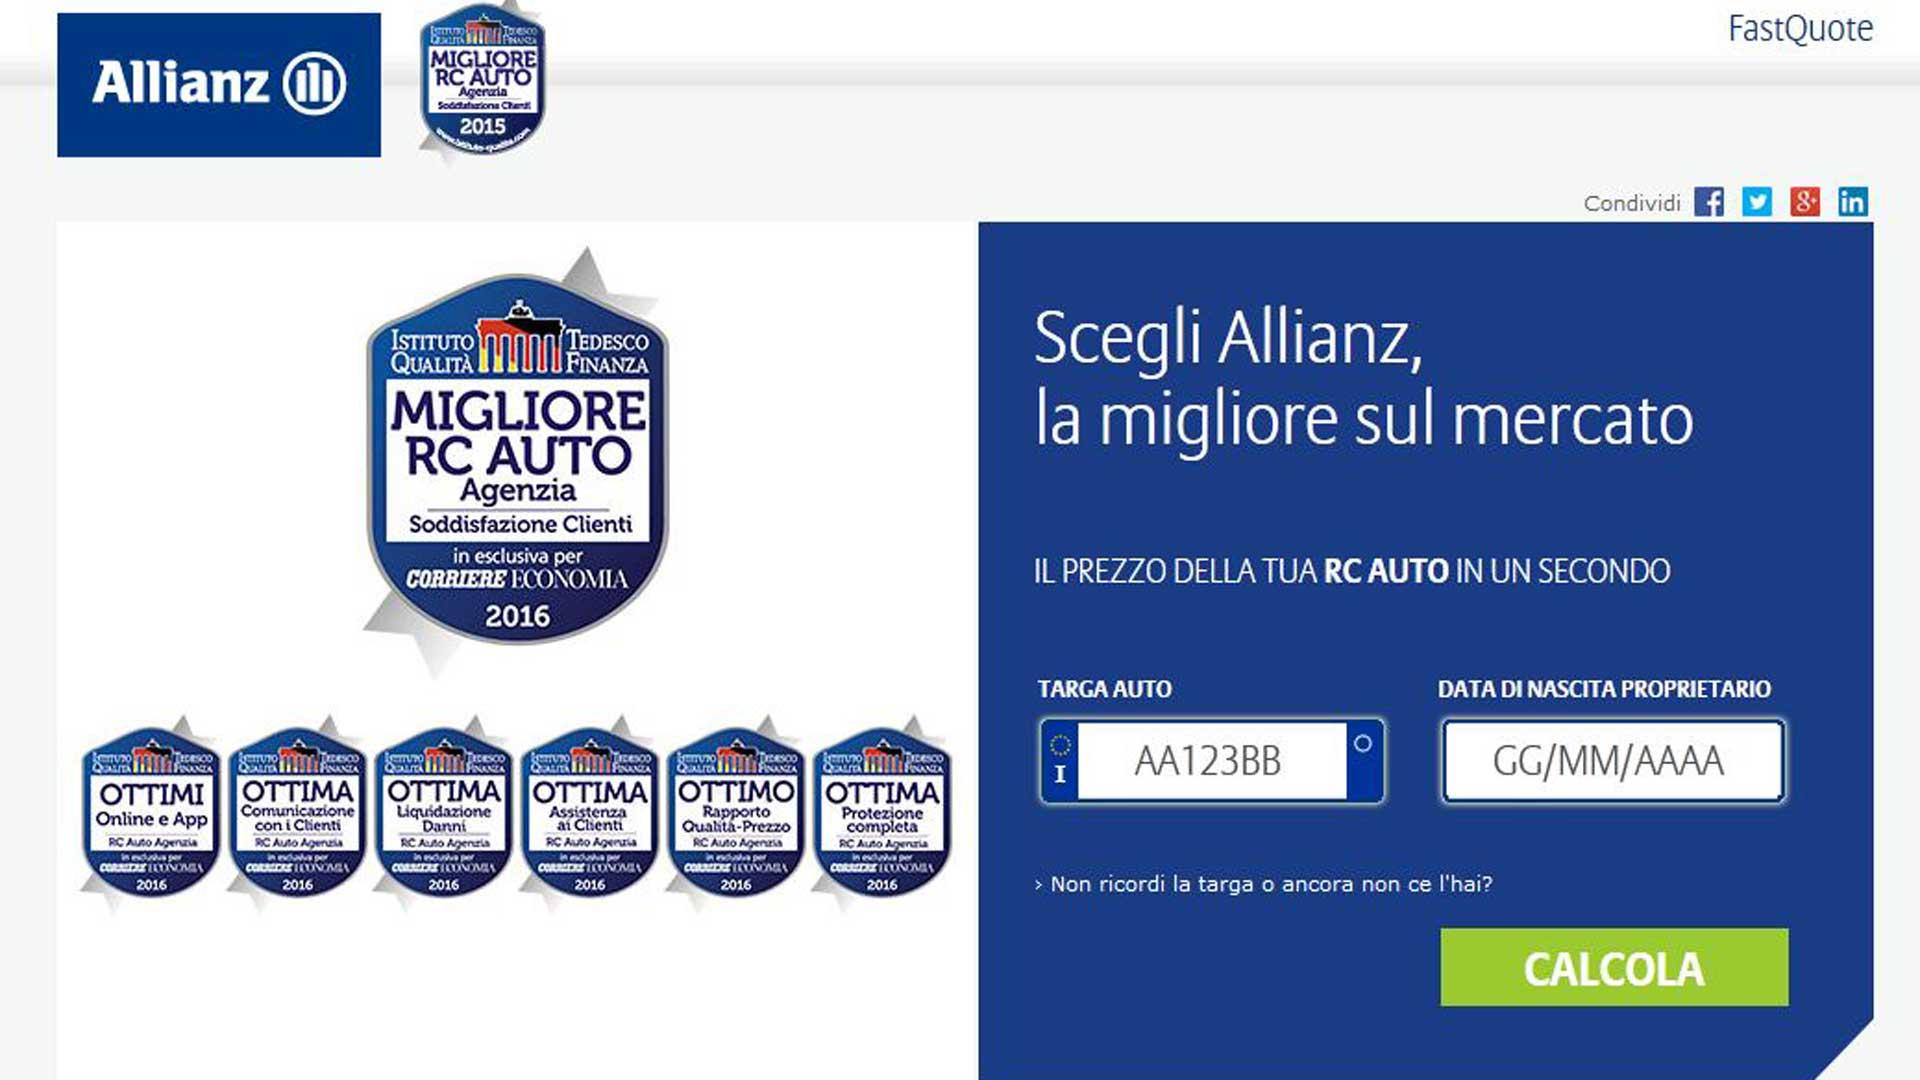 Allianz Guida La Classifica Delle Migliori Rc Auto Eventi Porsche #183B83 1920 1080 Classifica Delle Migliori Cucine Italiane